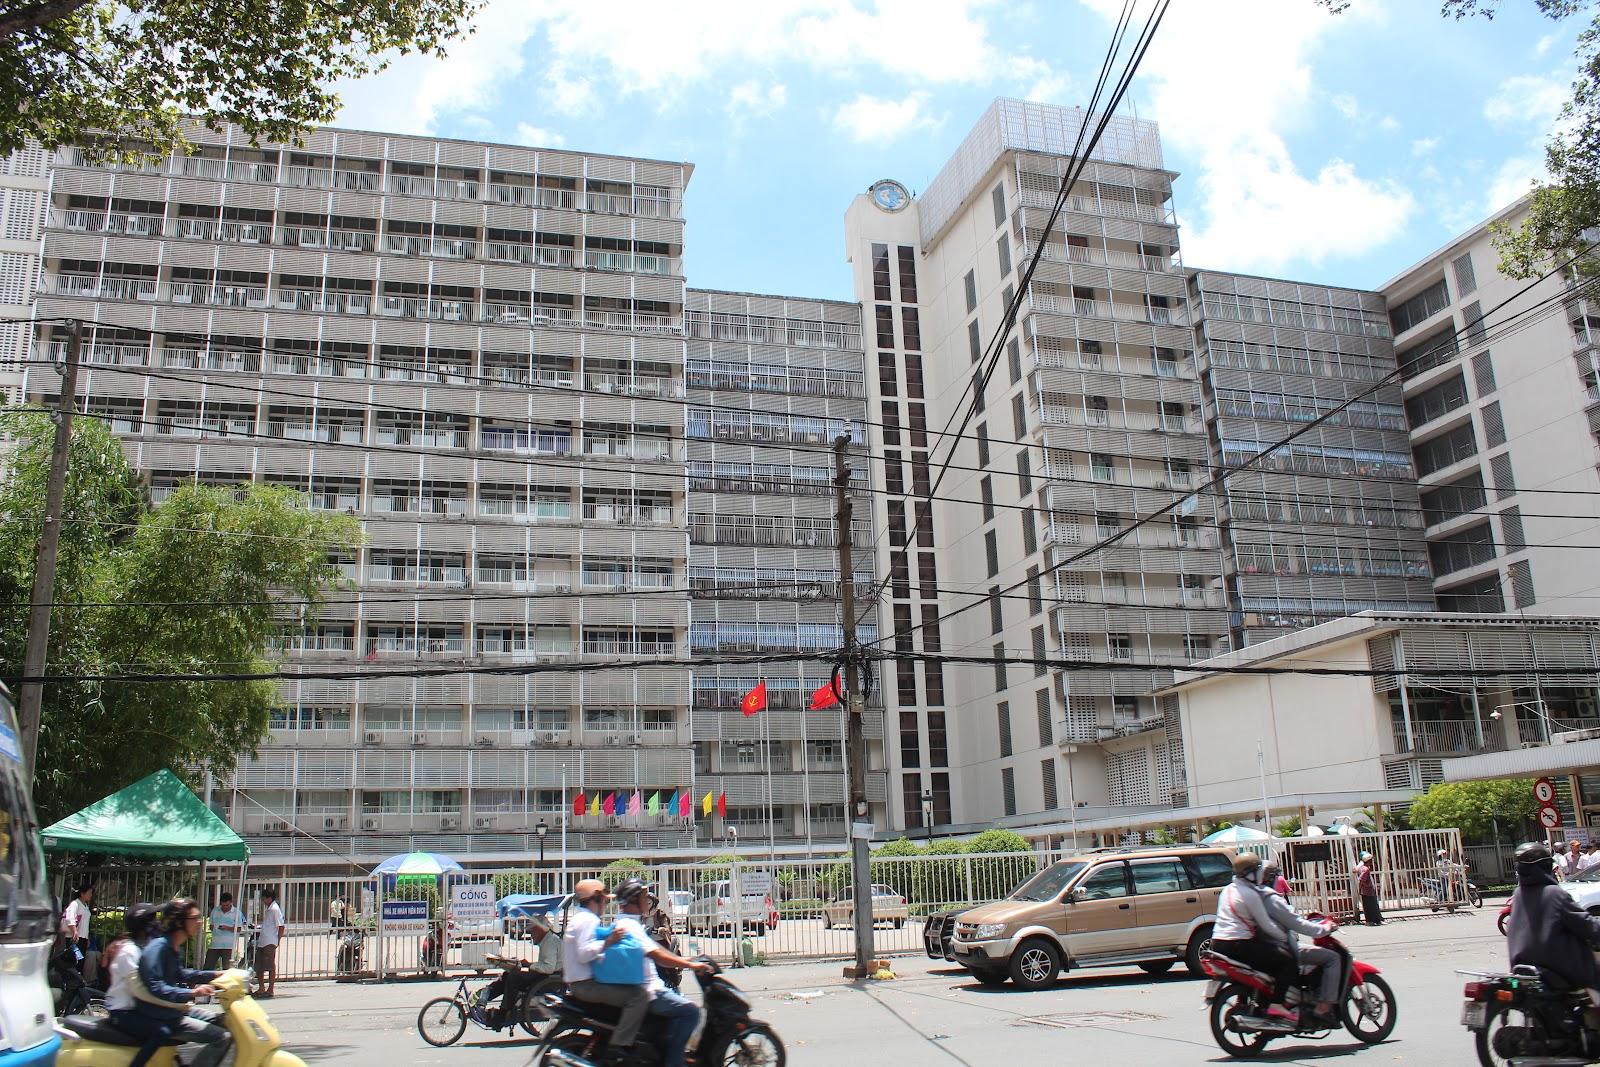 khám cơ xương khớp ở tphcm  - bệnh viện xương khớp quốc tế tphcm